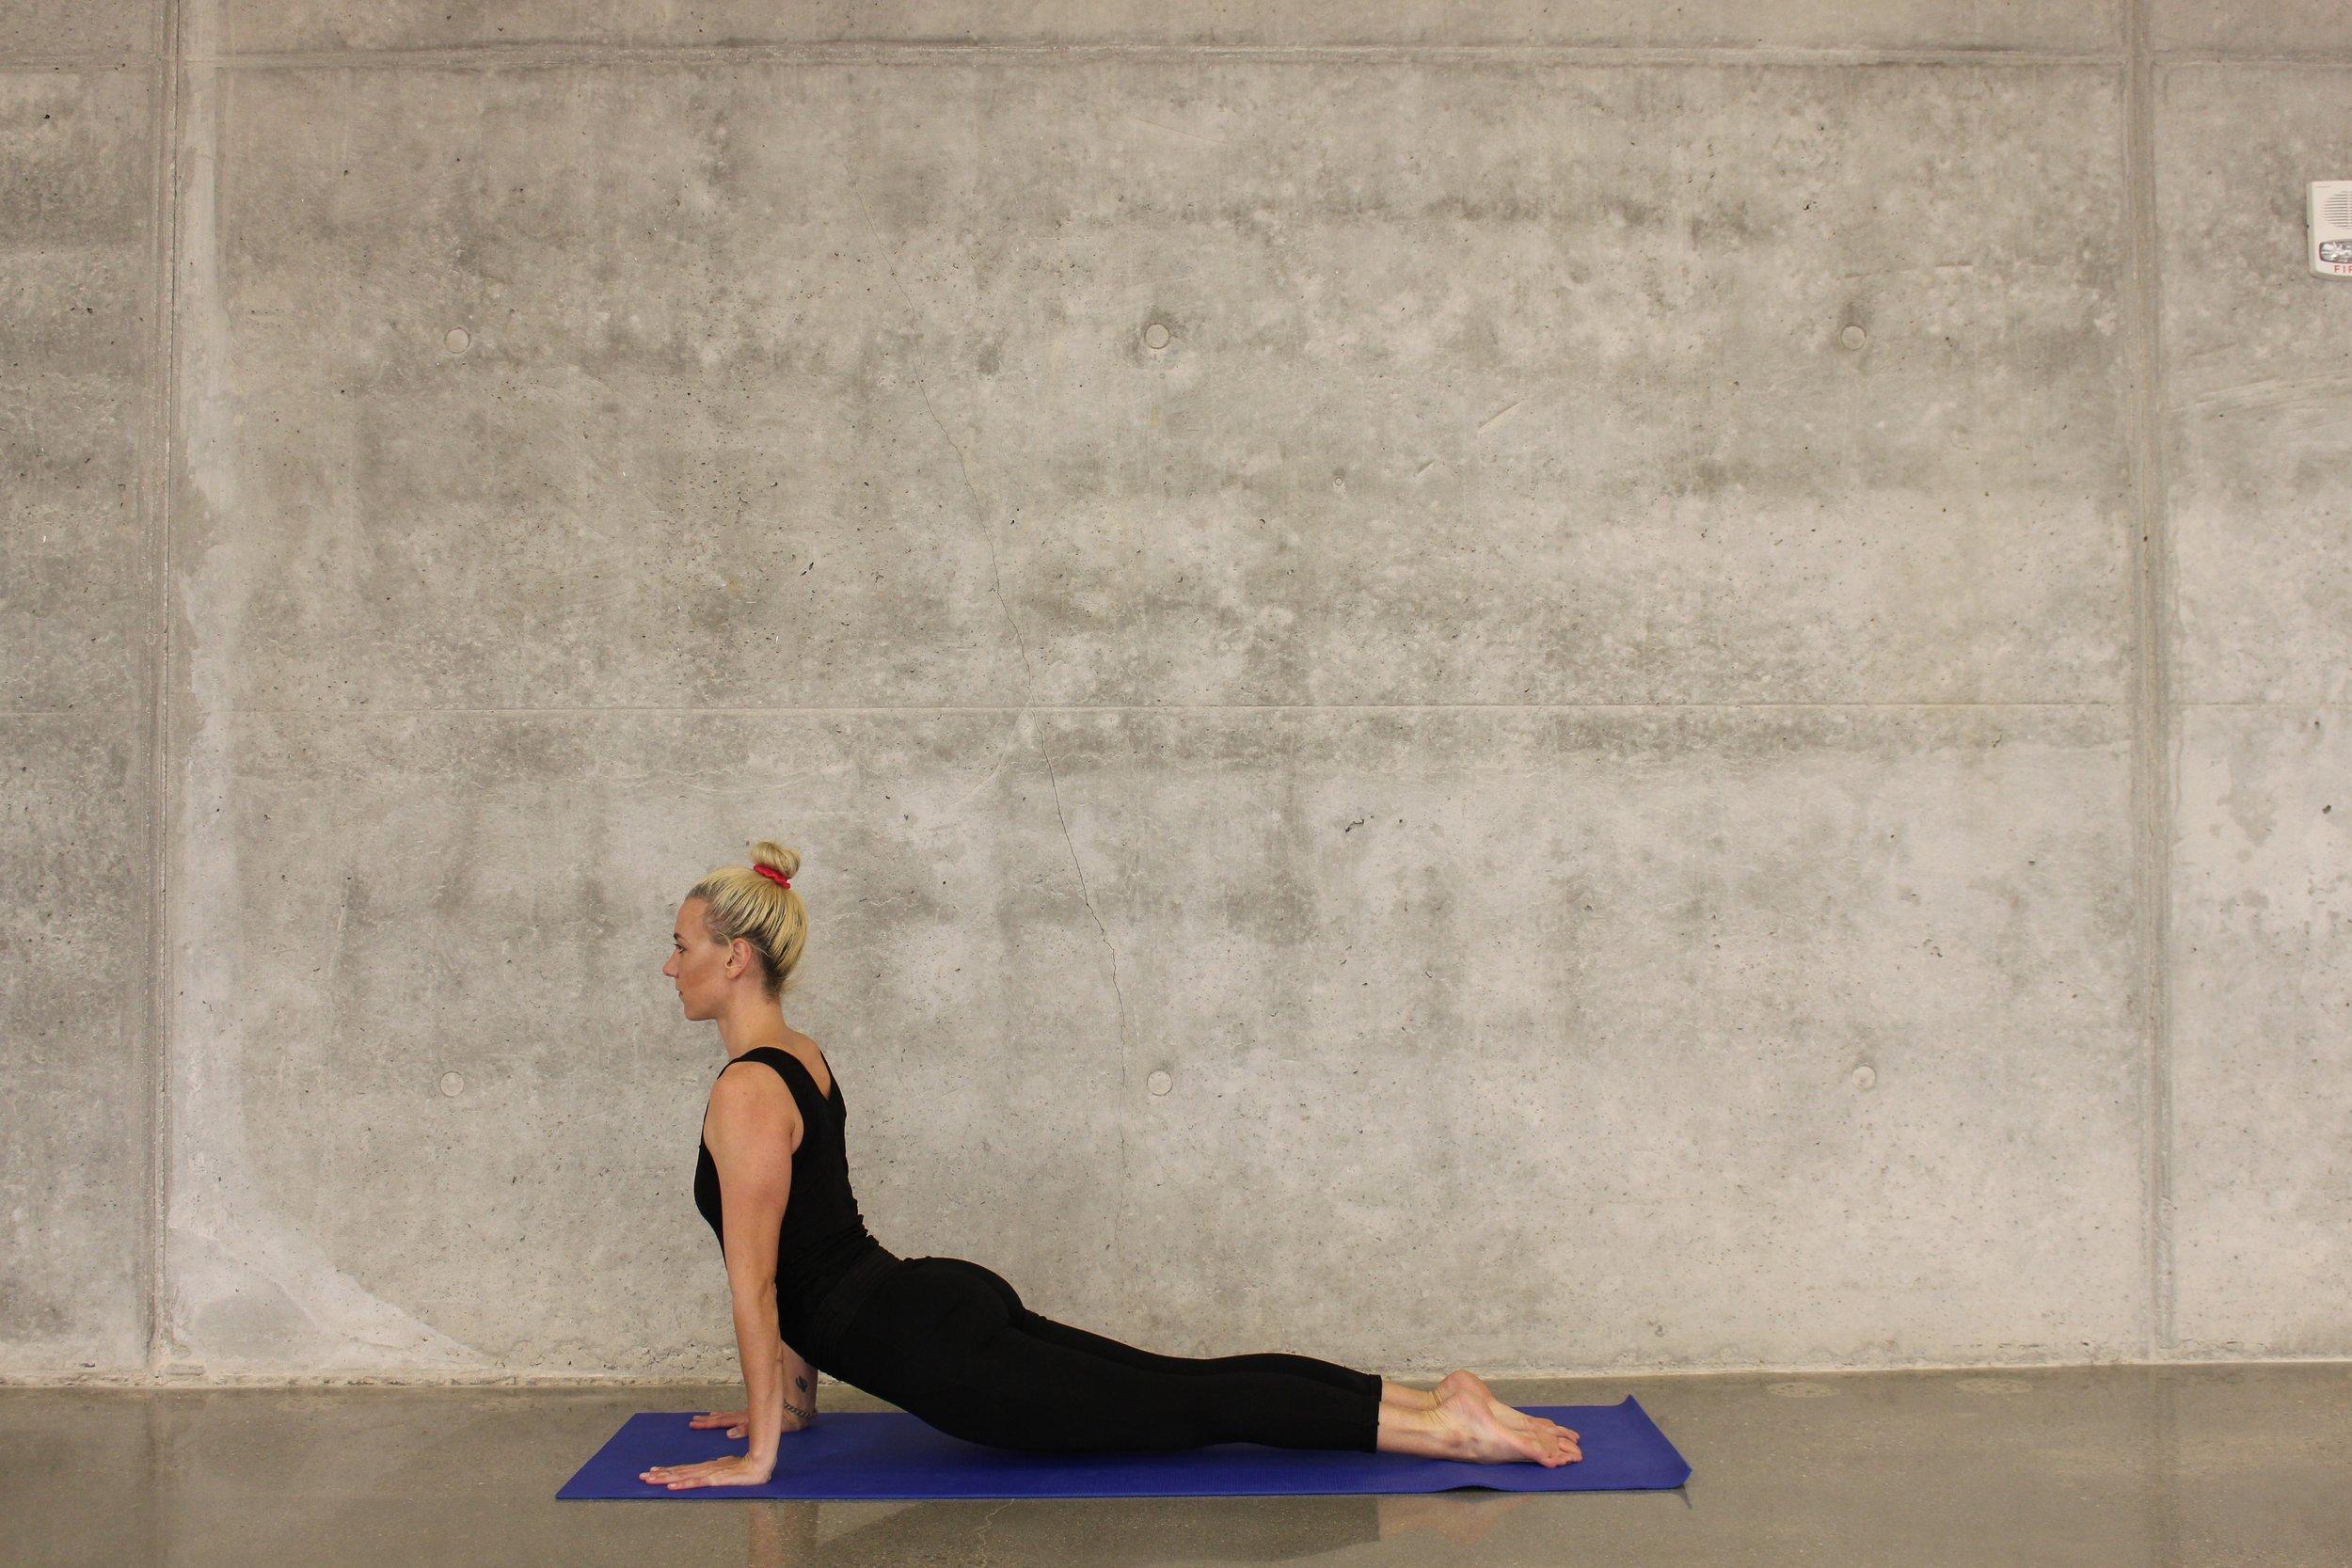 Yoga Pose, met dank aan Katee Lue / Unsplash